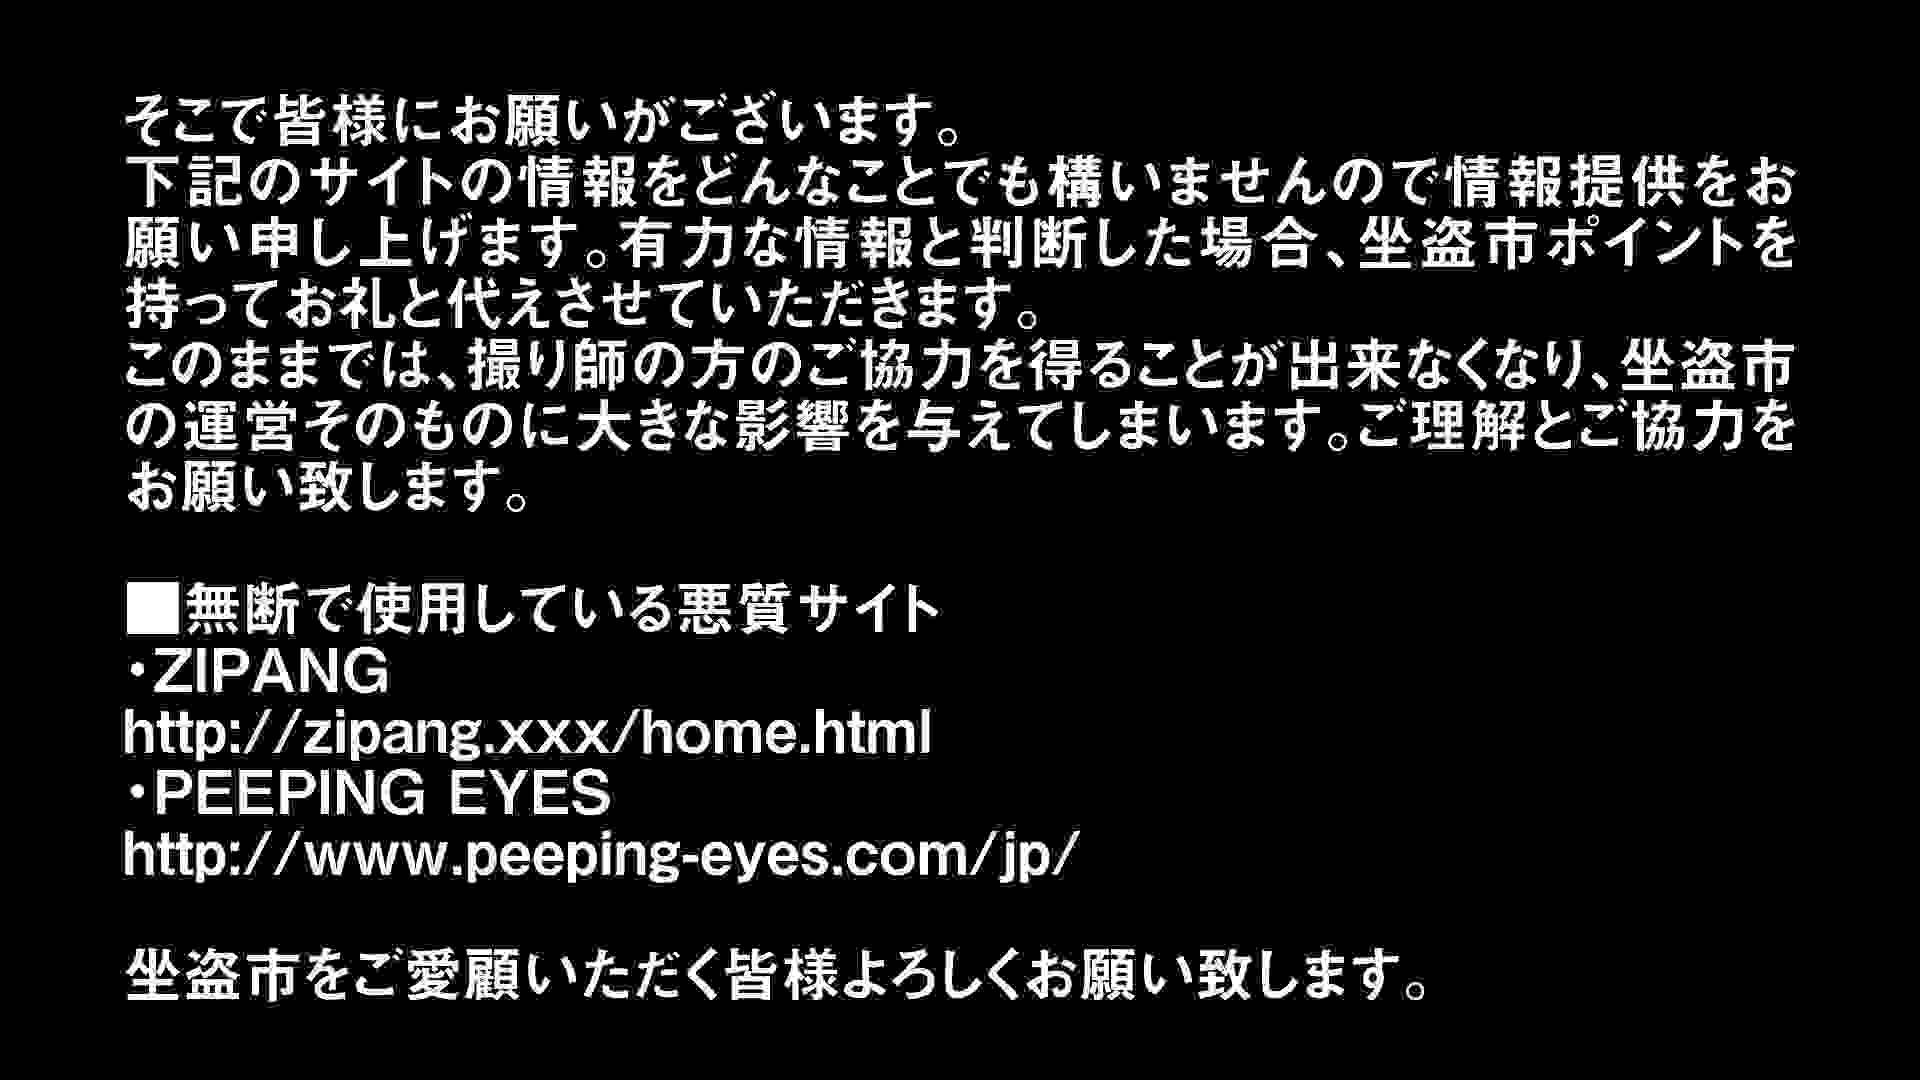 Aquaな露天風呂Vol.296 盗撮シリーズ  102PIX 32